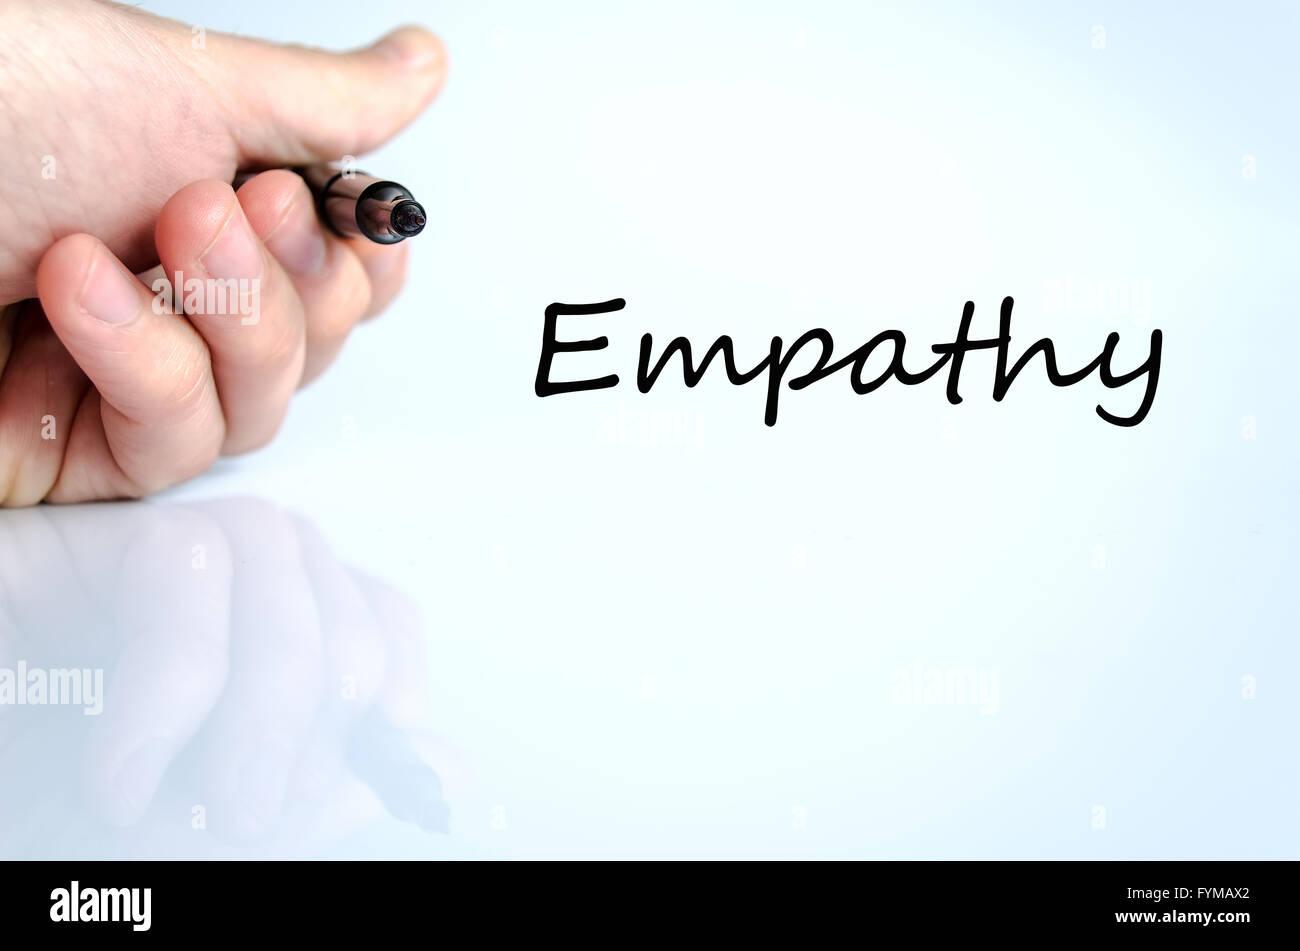 L'empatia concetto di testo Immagini Stock